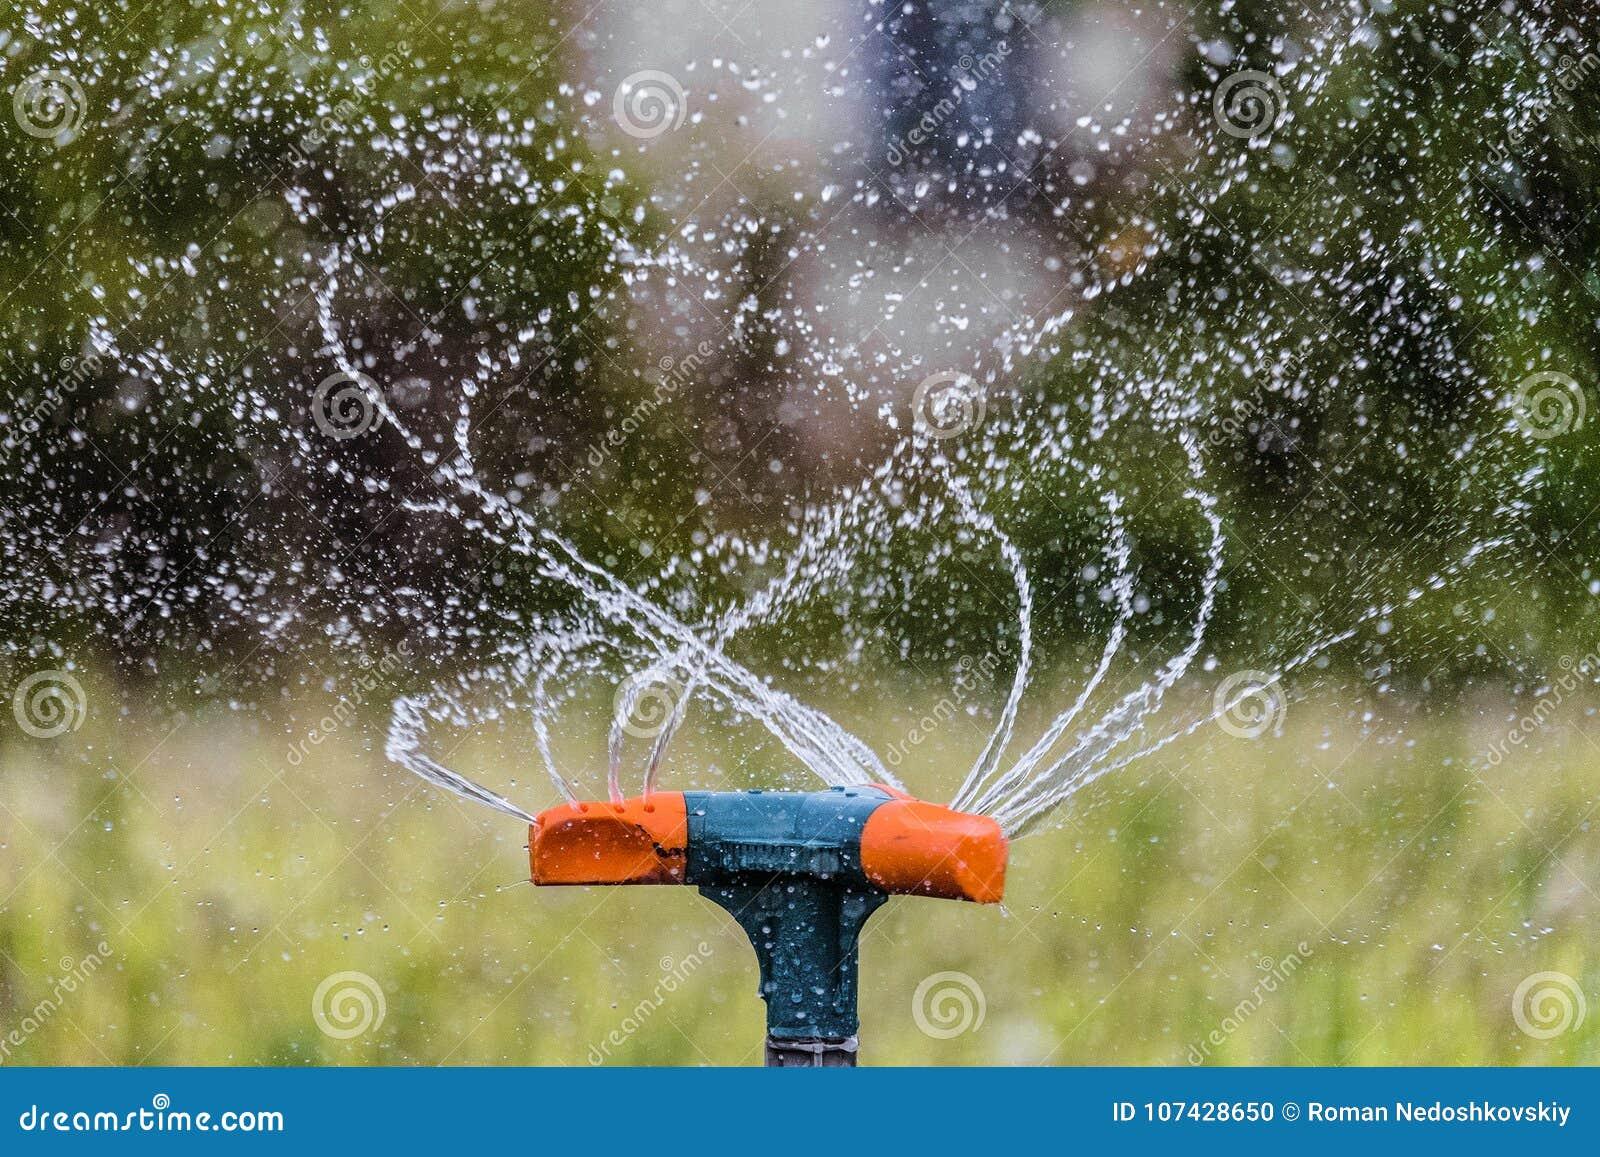 Nawadniać ogród używać obracania kropidło Ogrodnictwo systemu irygacyjnego zakończenie